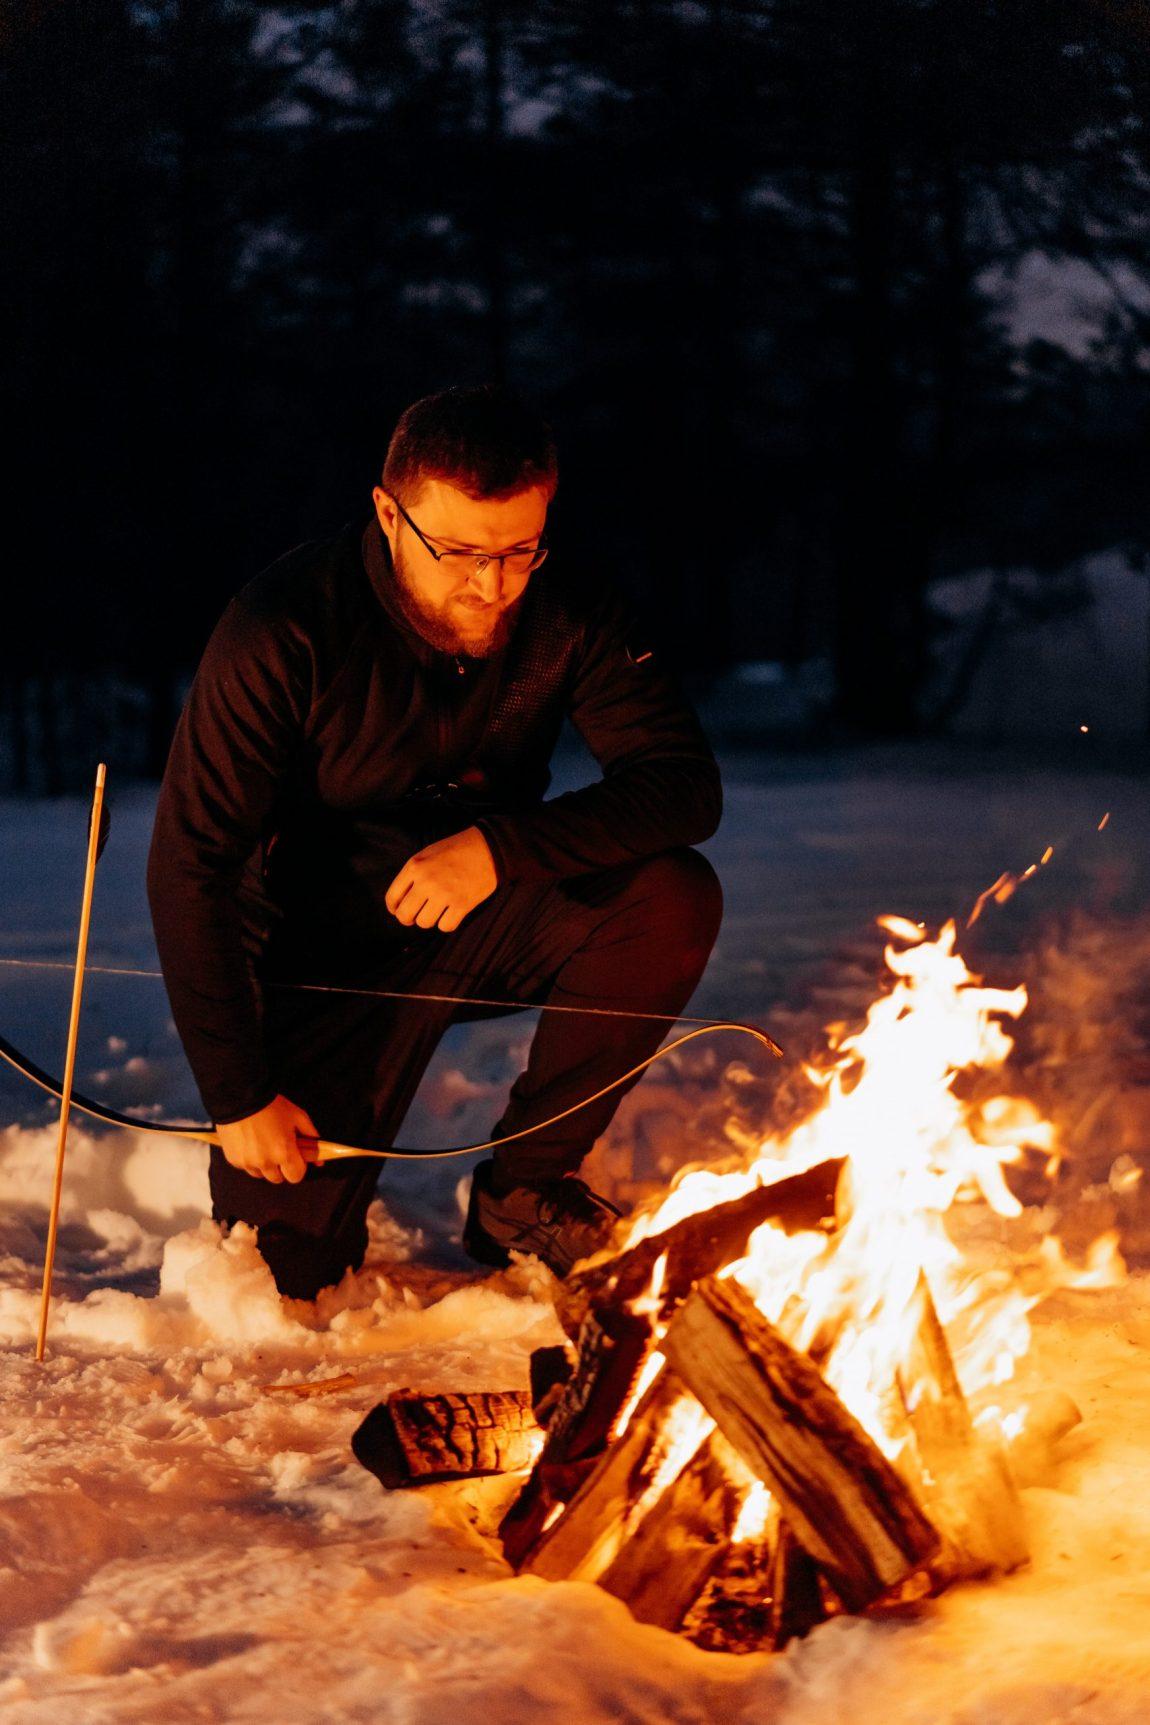 tending a fire